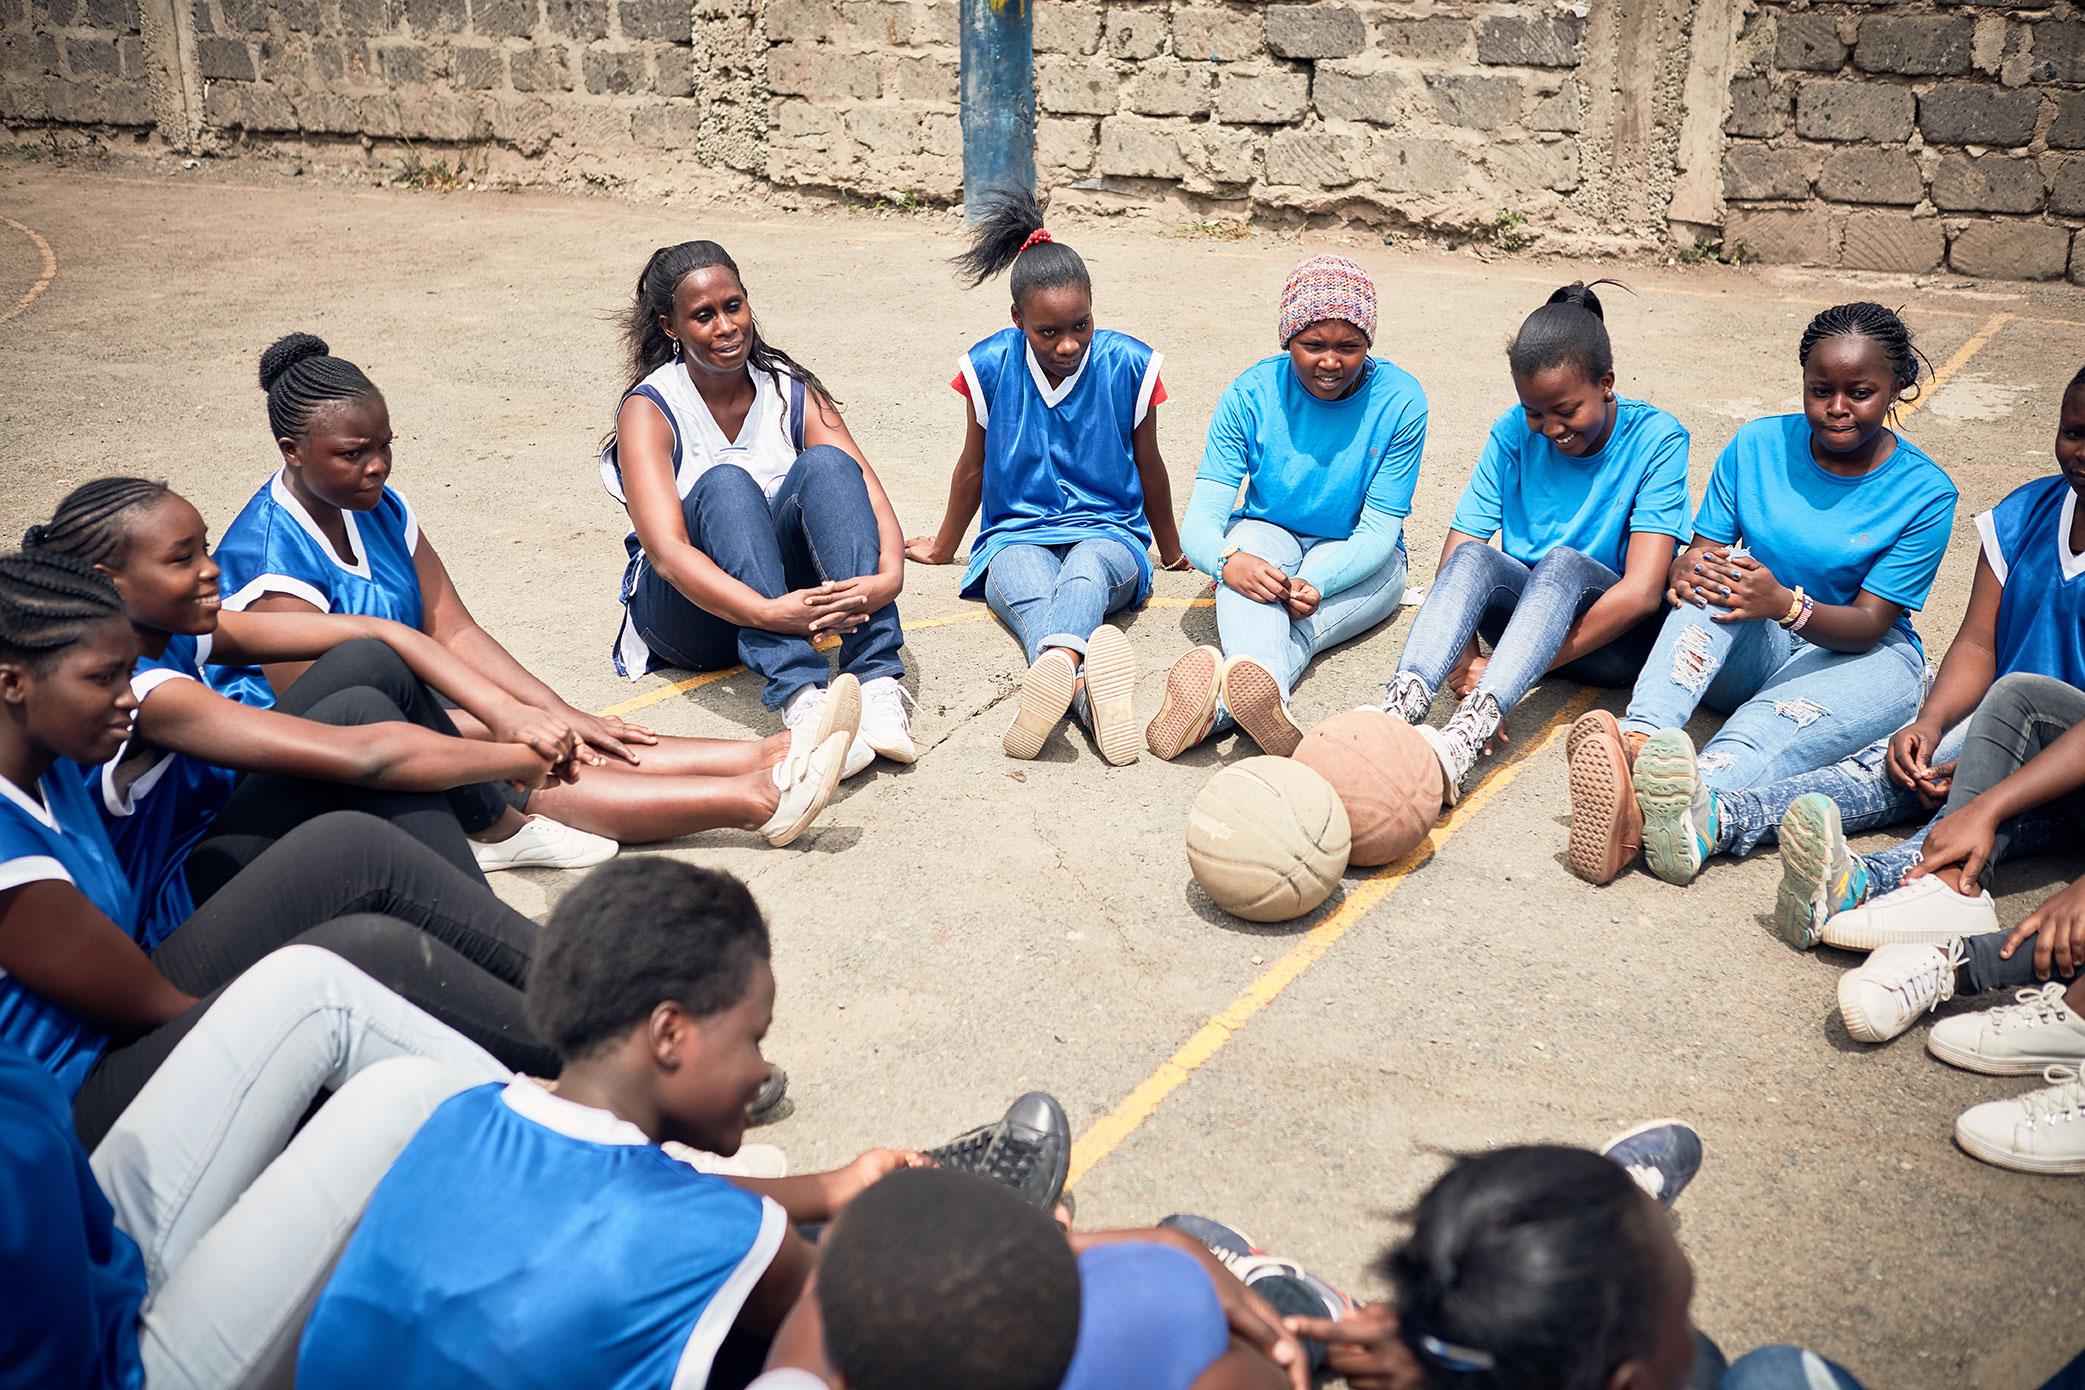 Peninah reúne a uno de los equipos de baloncesto Safe Spaces para una discusión después de la práctica. Foto: Juozas Cernius / CARE